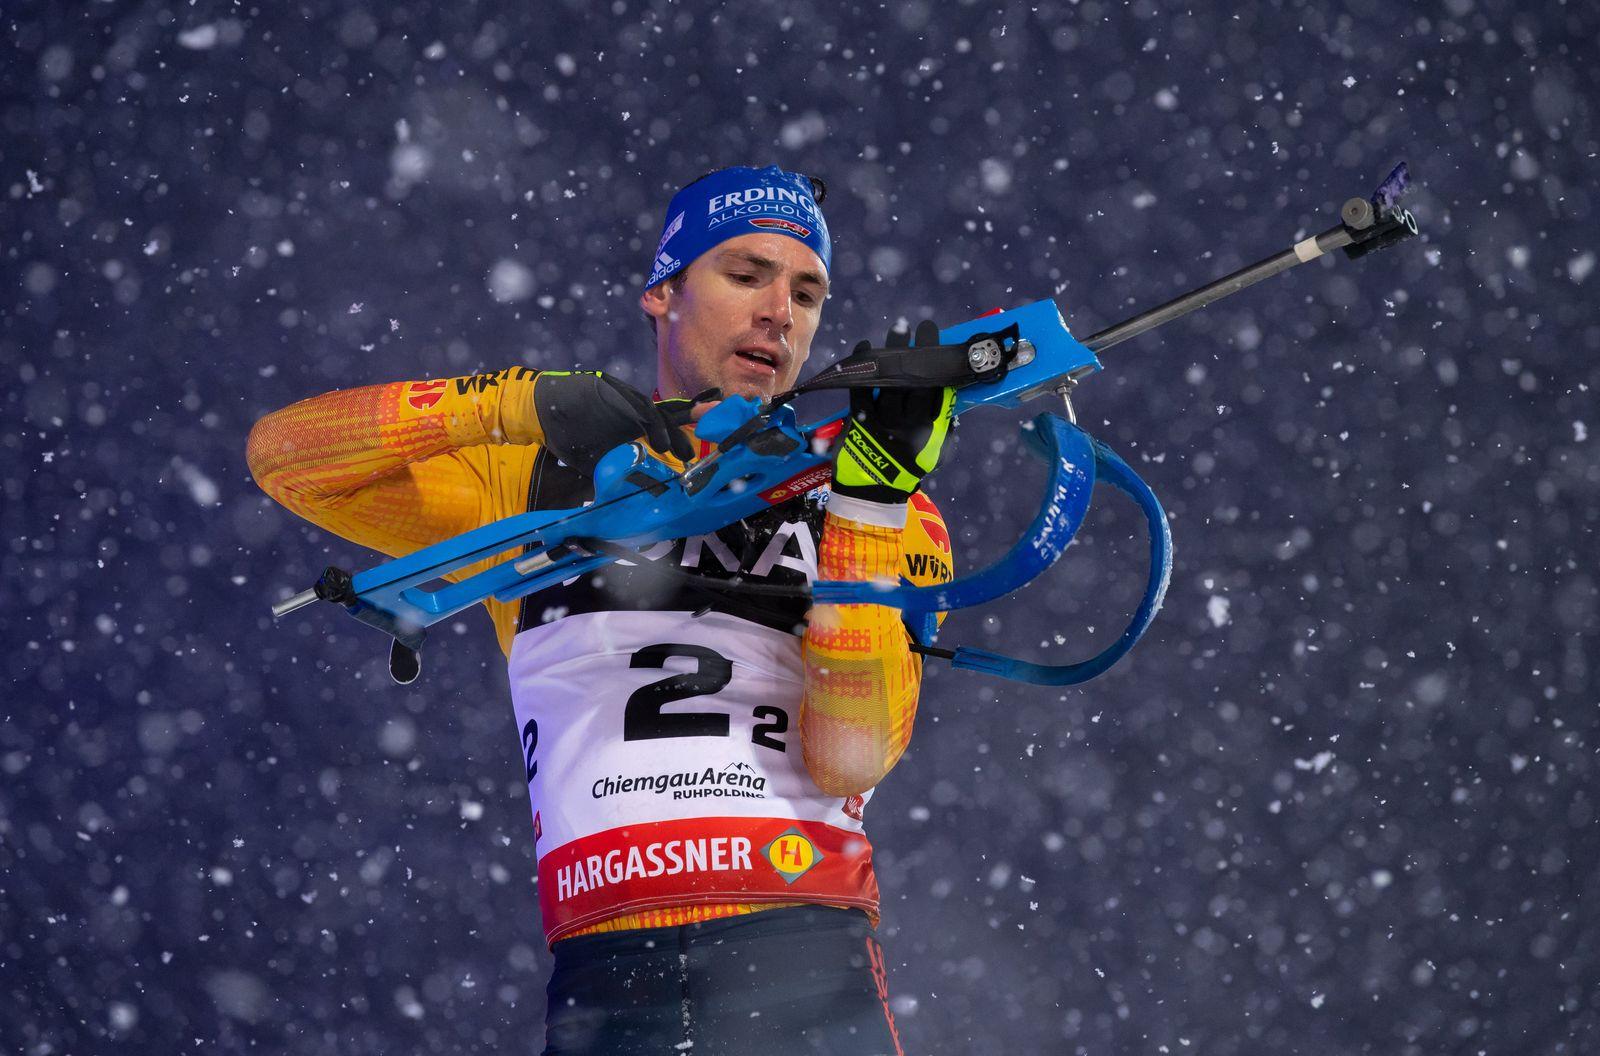 Ex-Weltmeister Schempp beendet Biathlon-Karriere